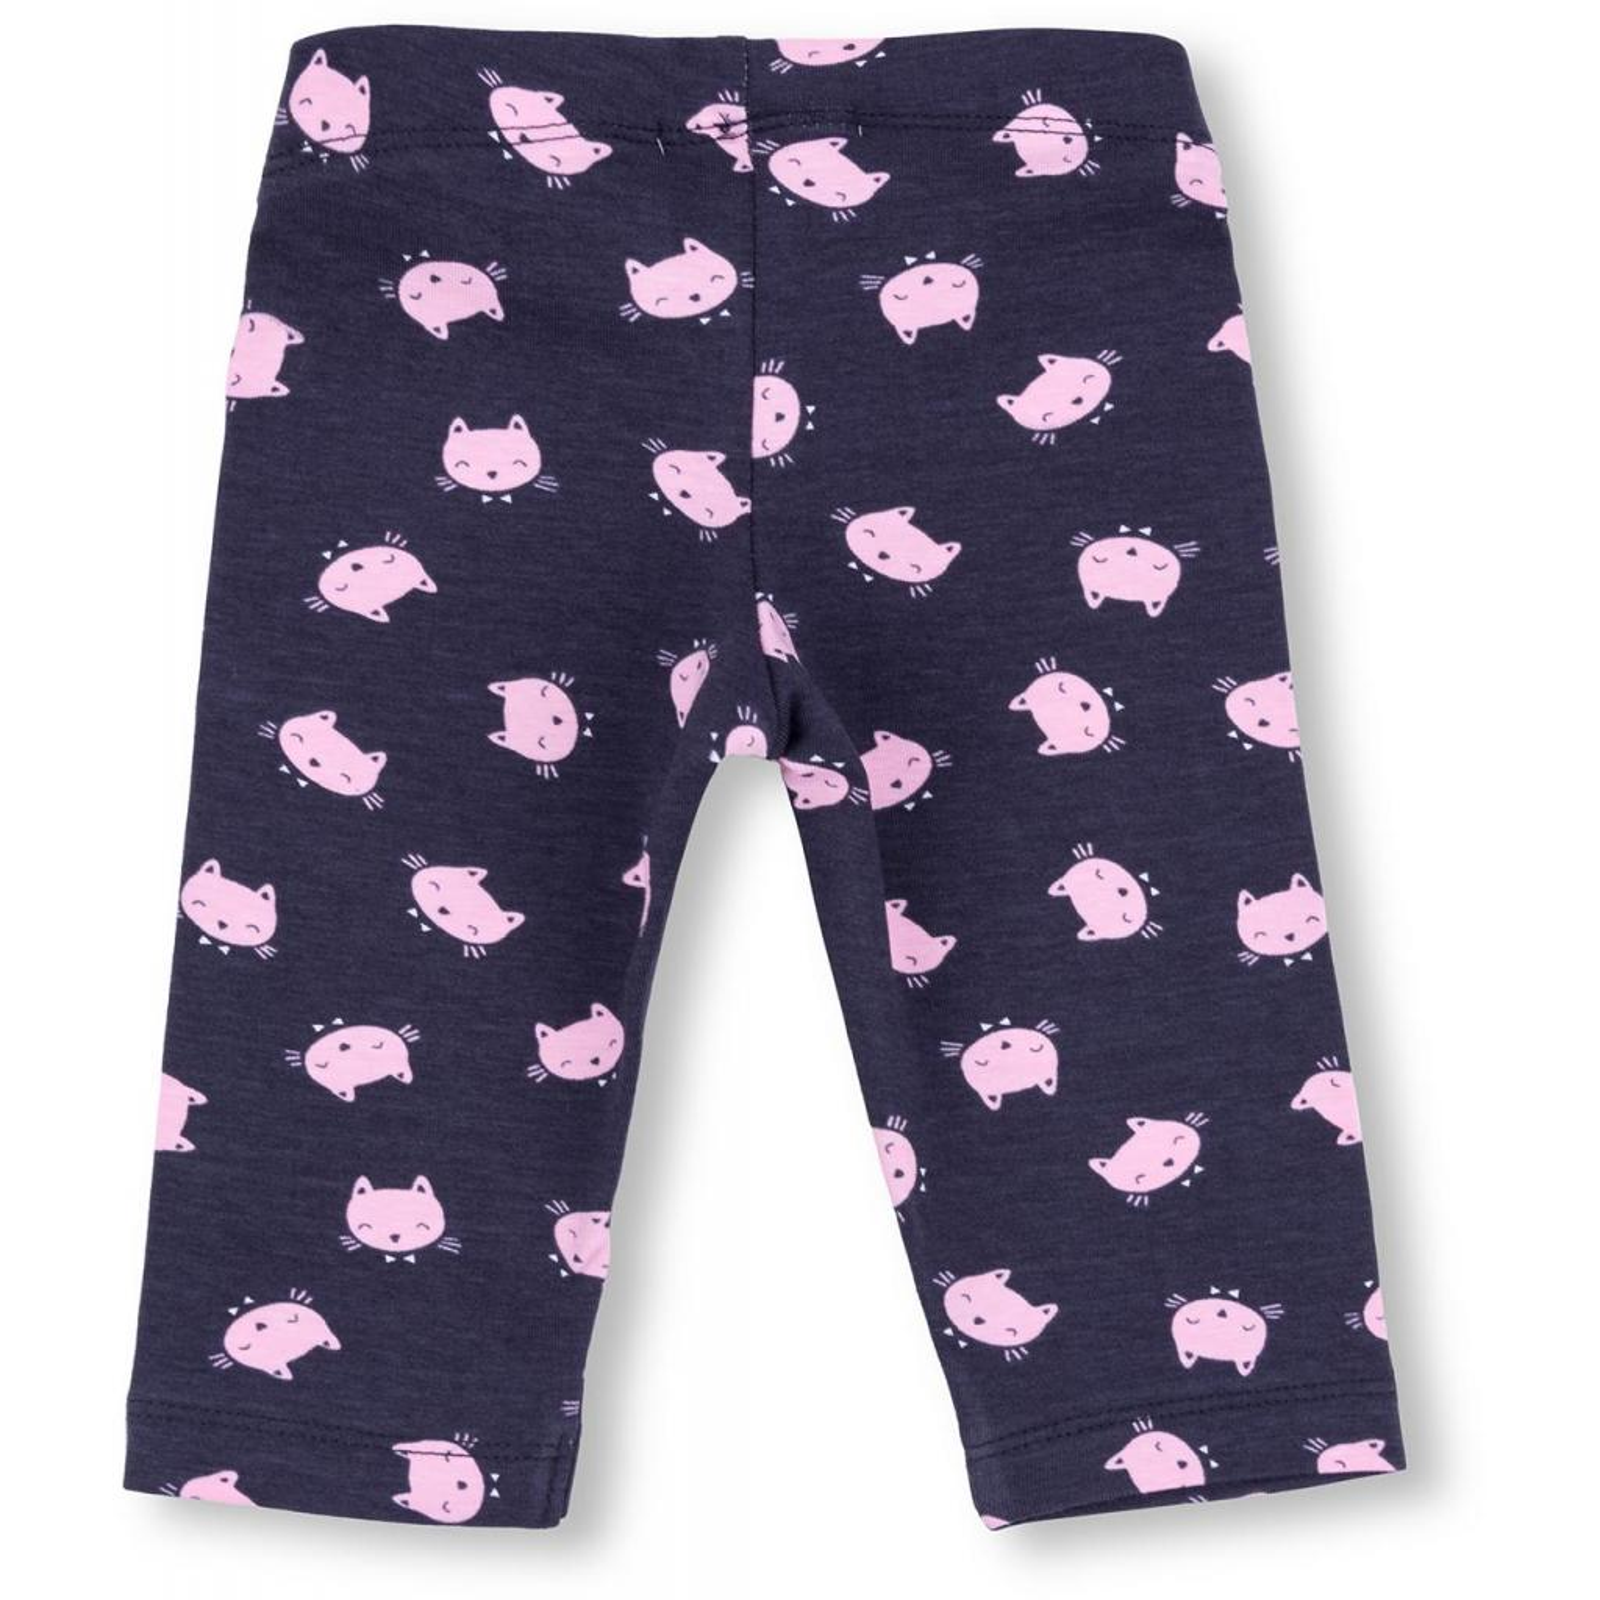 Набор детской одежды Breeze с котиками (7493-98G-pink) изображение 6